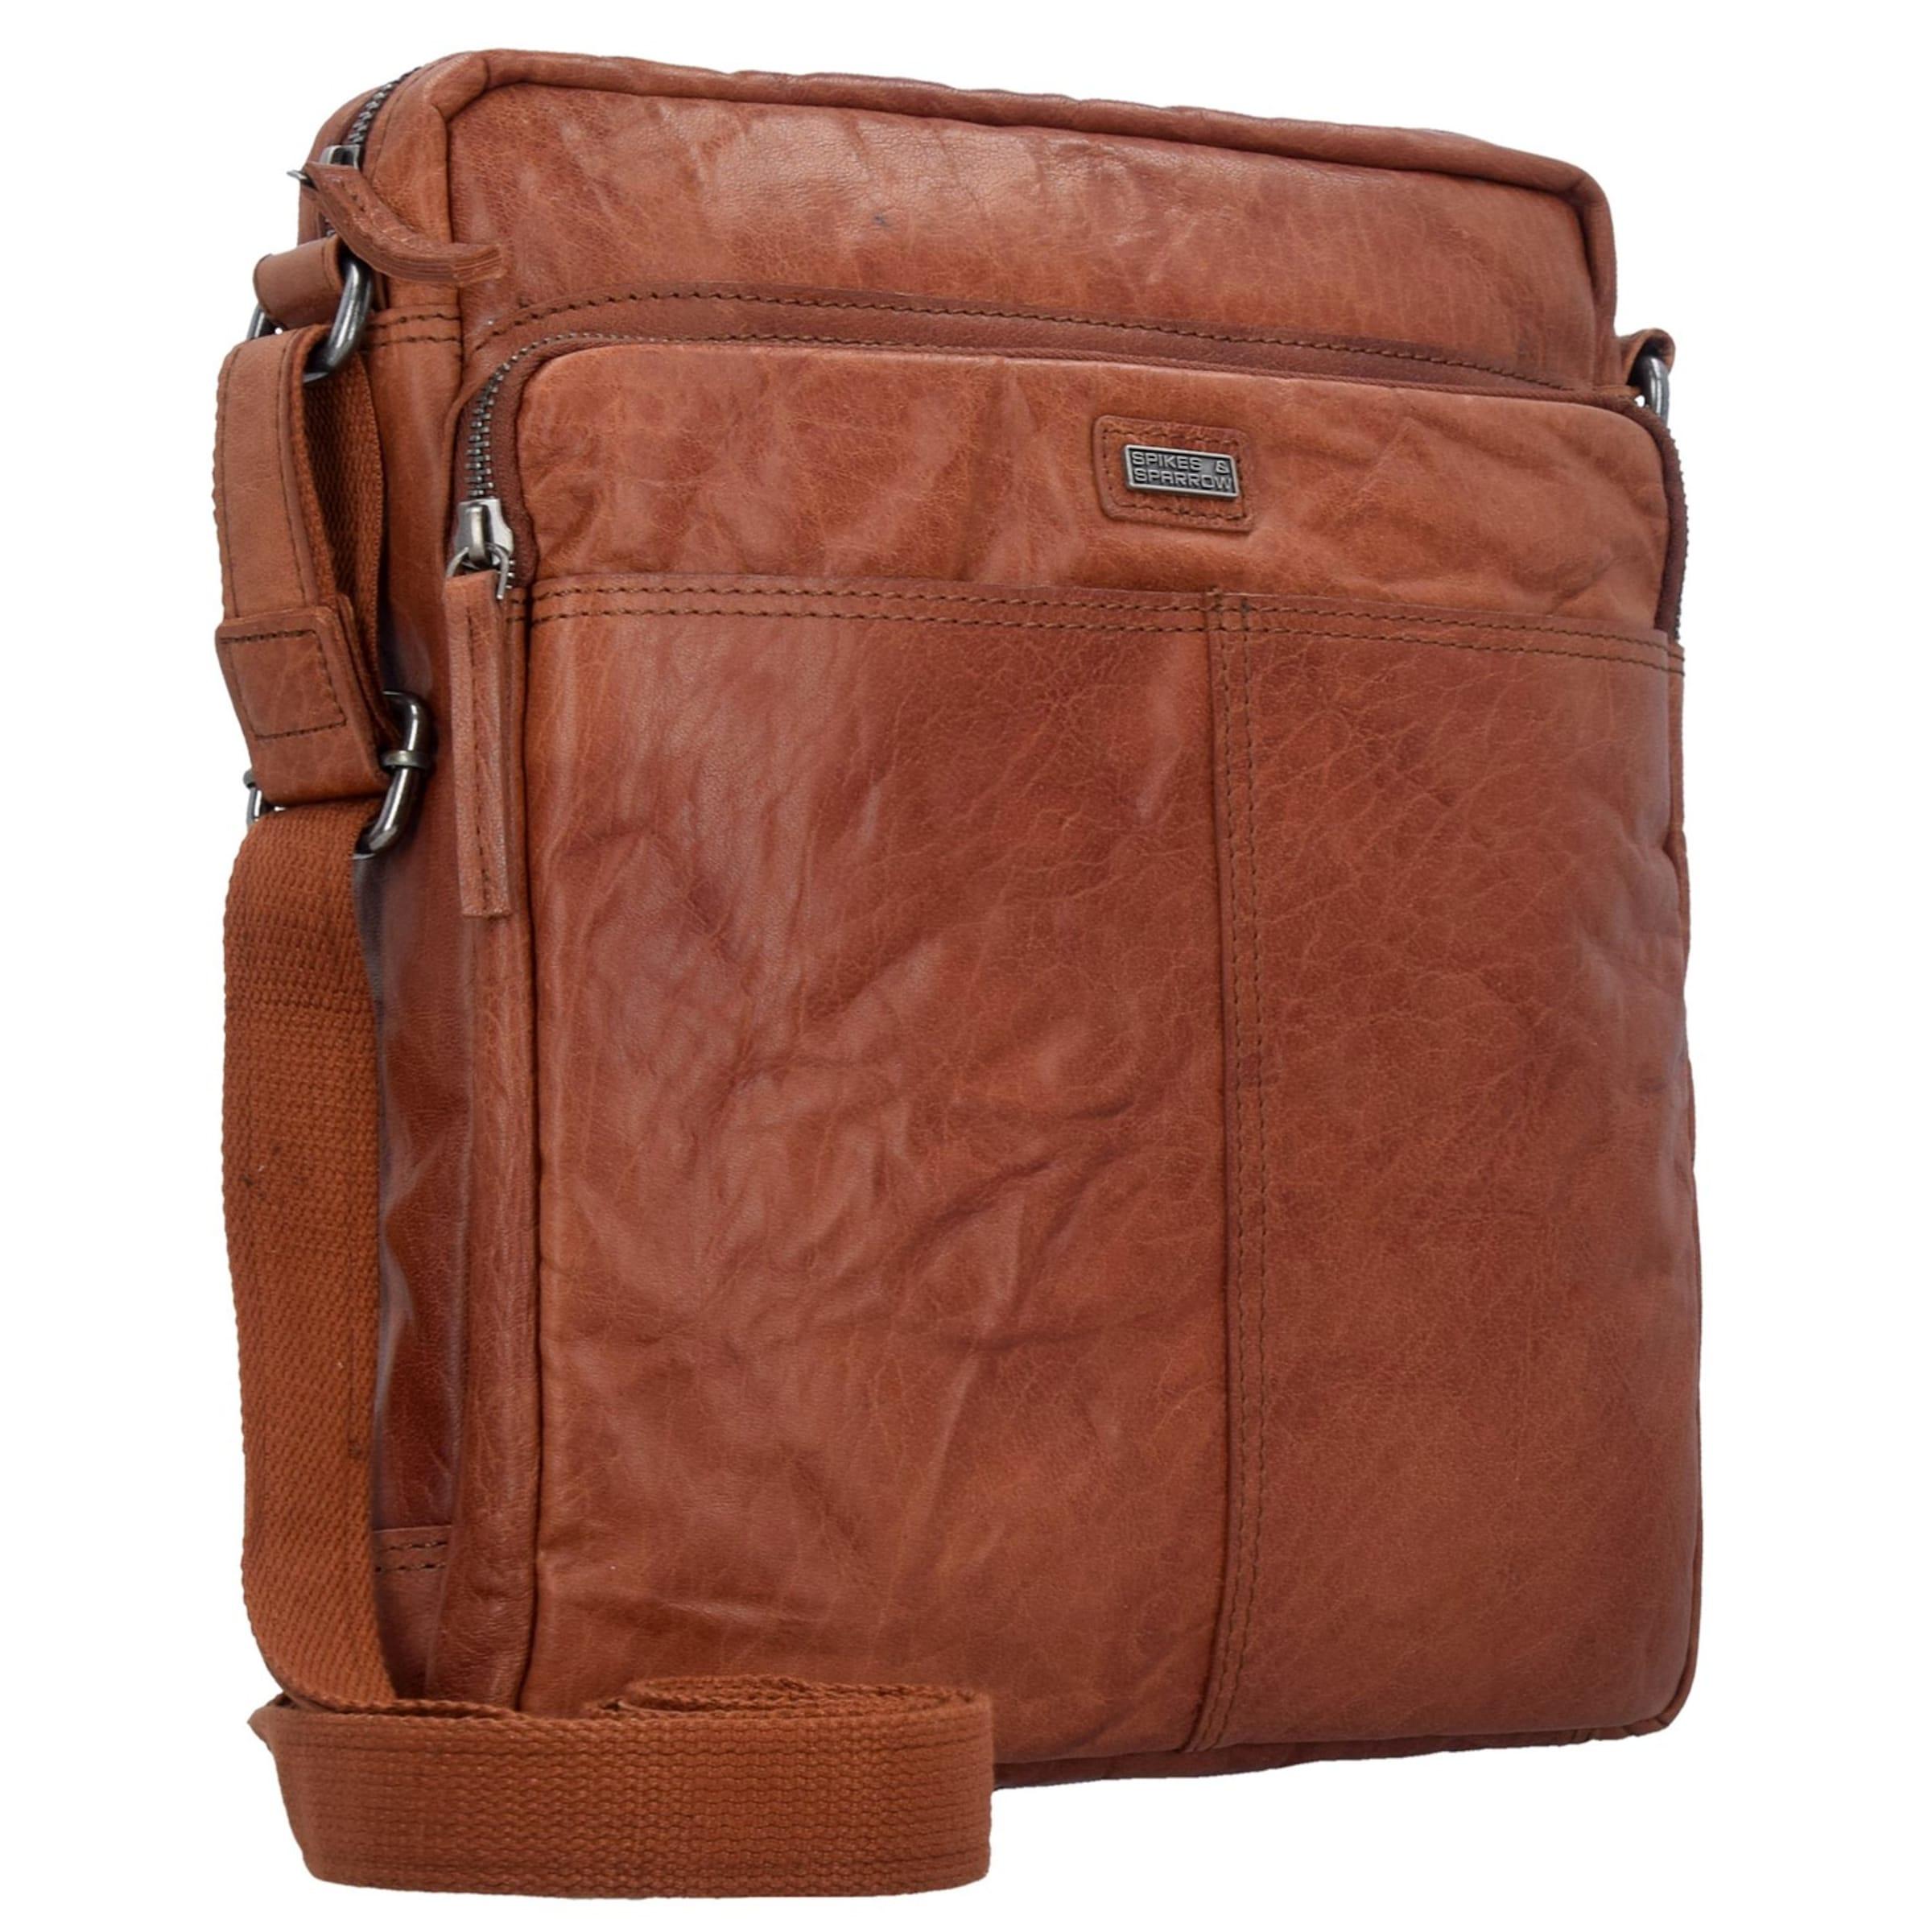 Billig Sehr Billig Spikes & Sparrow Bronco M Umhängetasche Leder 26 cm Auslasszwischenraum Store Billig Verkaufen Bilder GesBvLY3